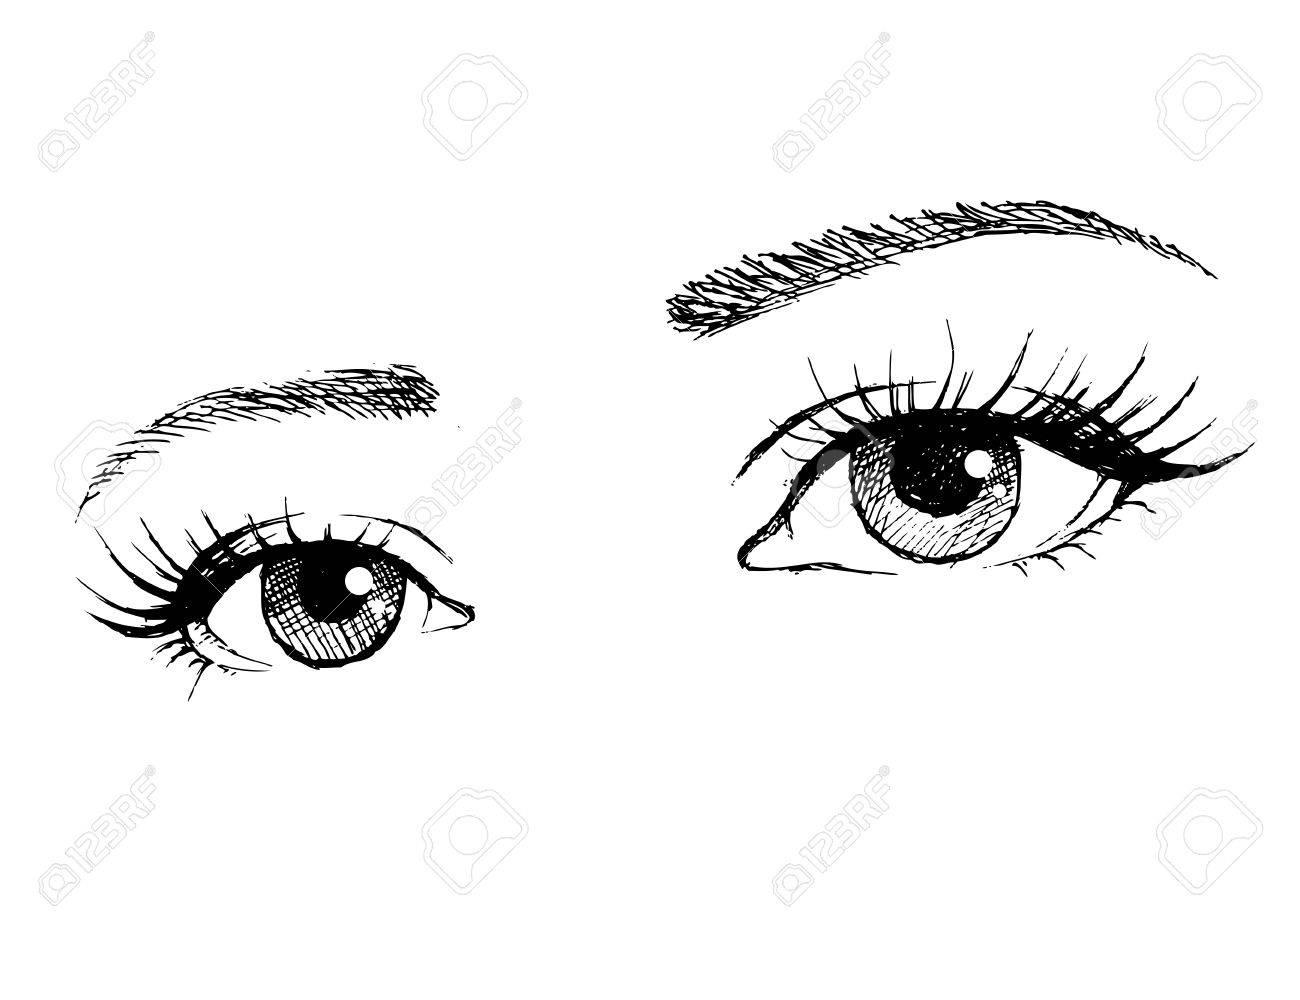 長いまつげの女性目のイラストのイラスト素材ベクタ Image 59872015